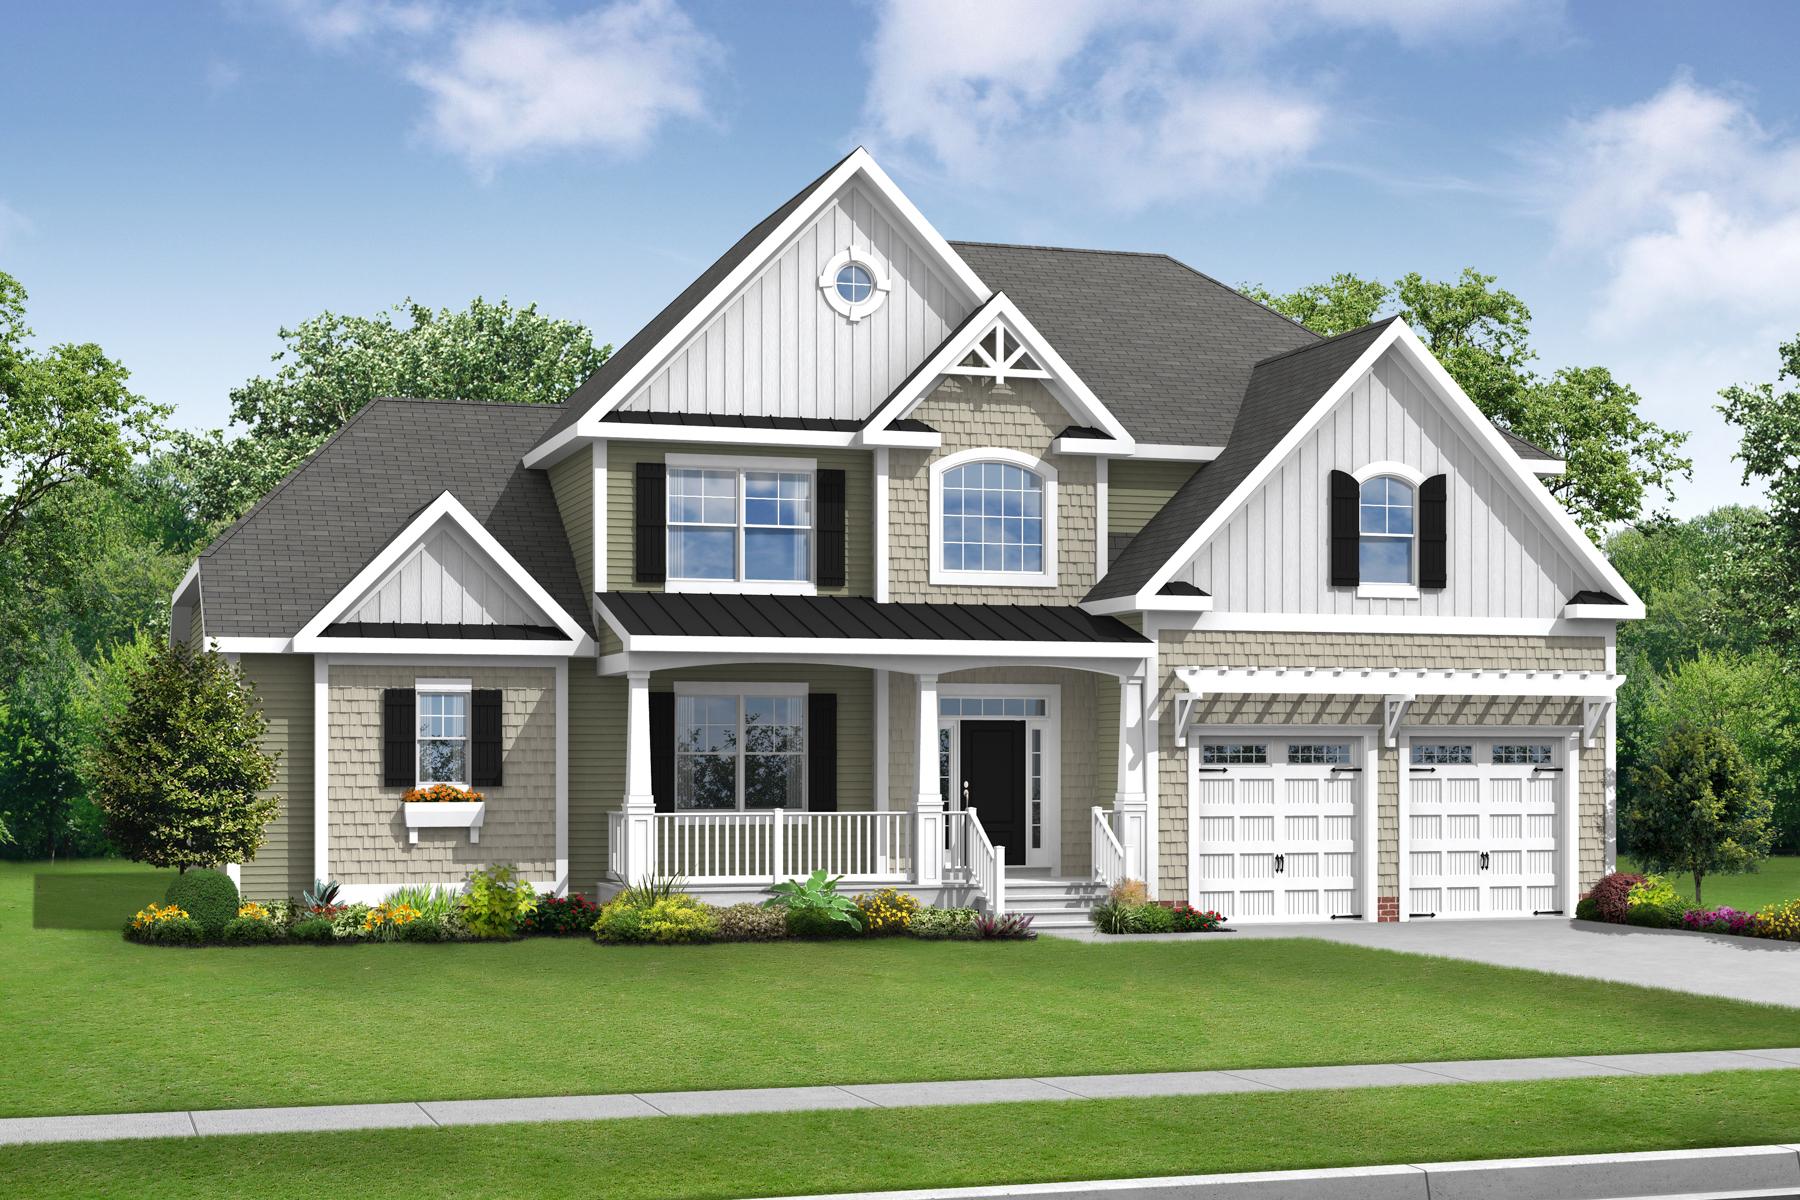 Tek Ailelik Ev için Satış at 27509 Medallion Ave, Millsboro, DE 19966 27509 Medallion Ave (chesapeake Sfh) Millsboro, Delaware, 19966 Amerika Birleşik Devletleri